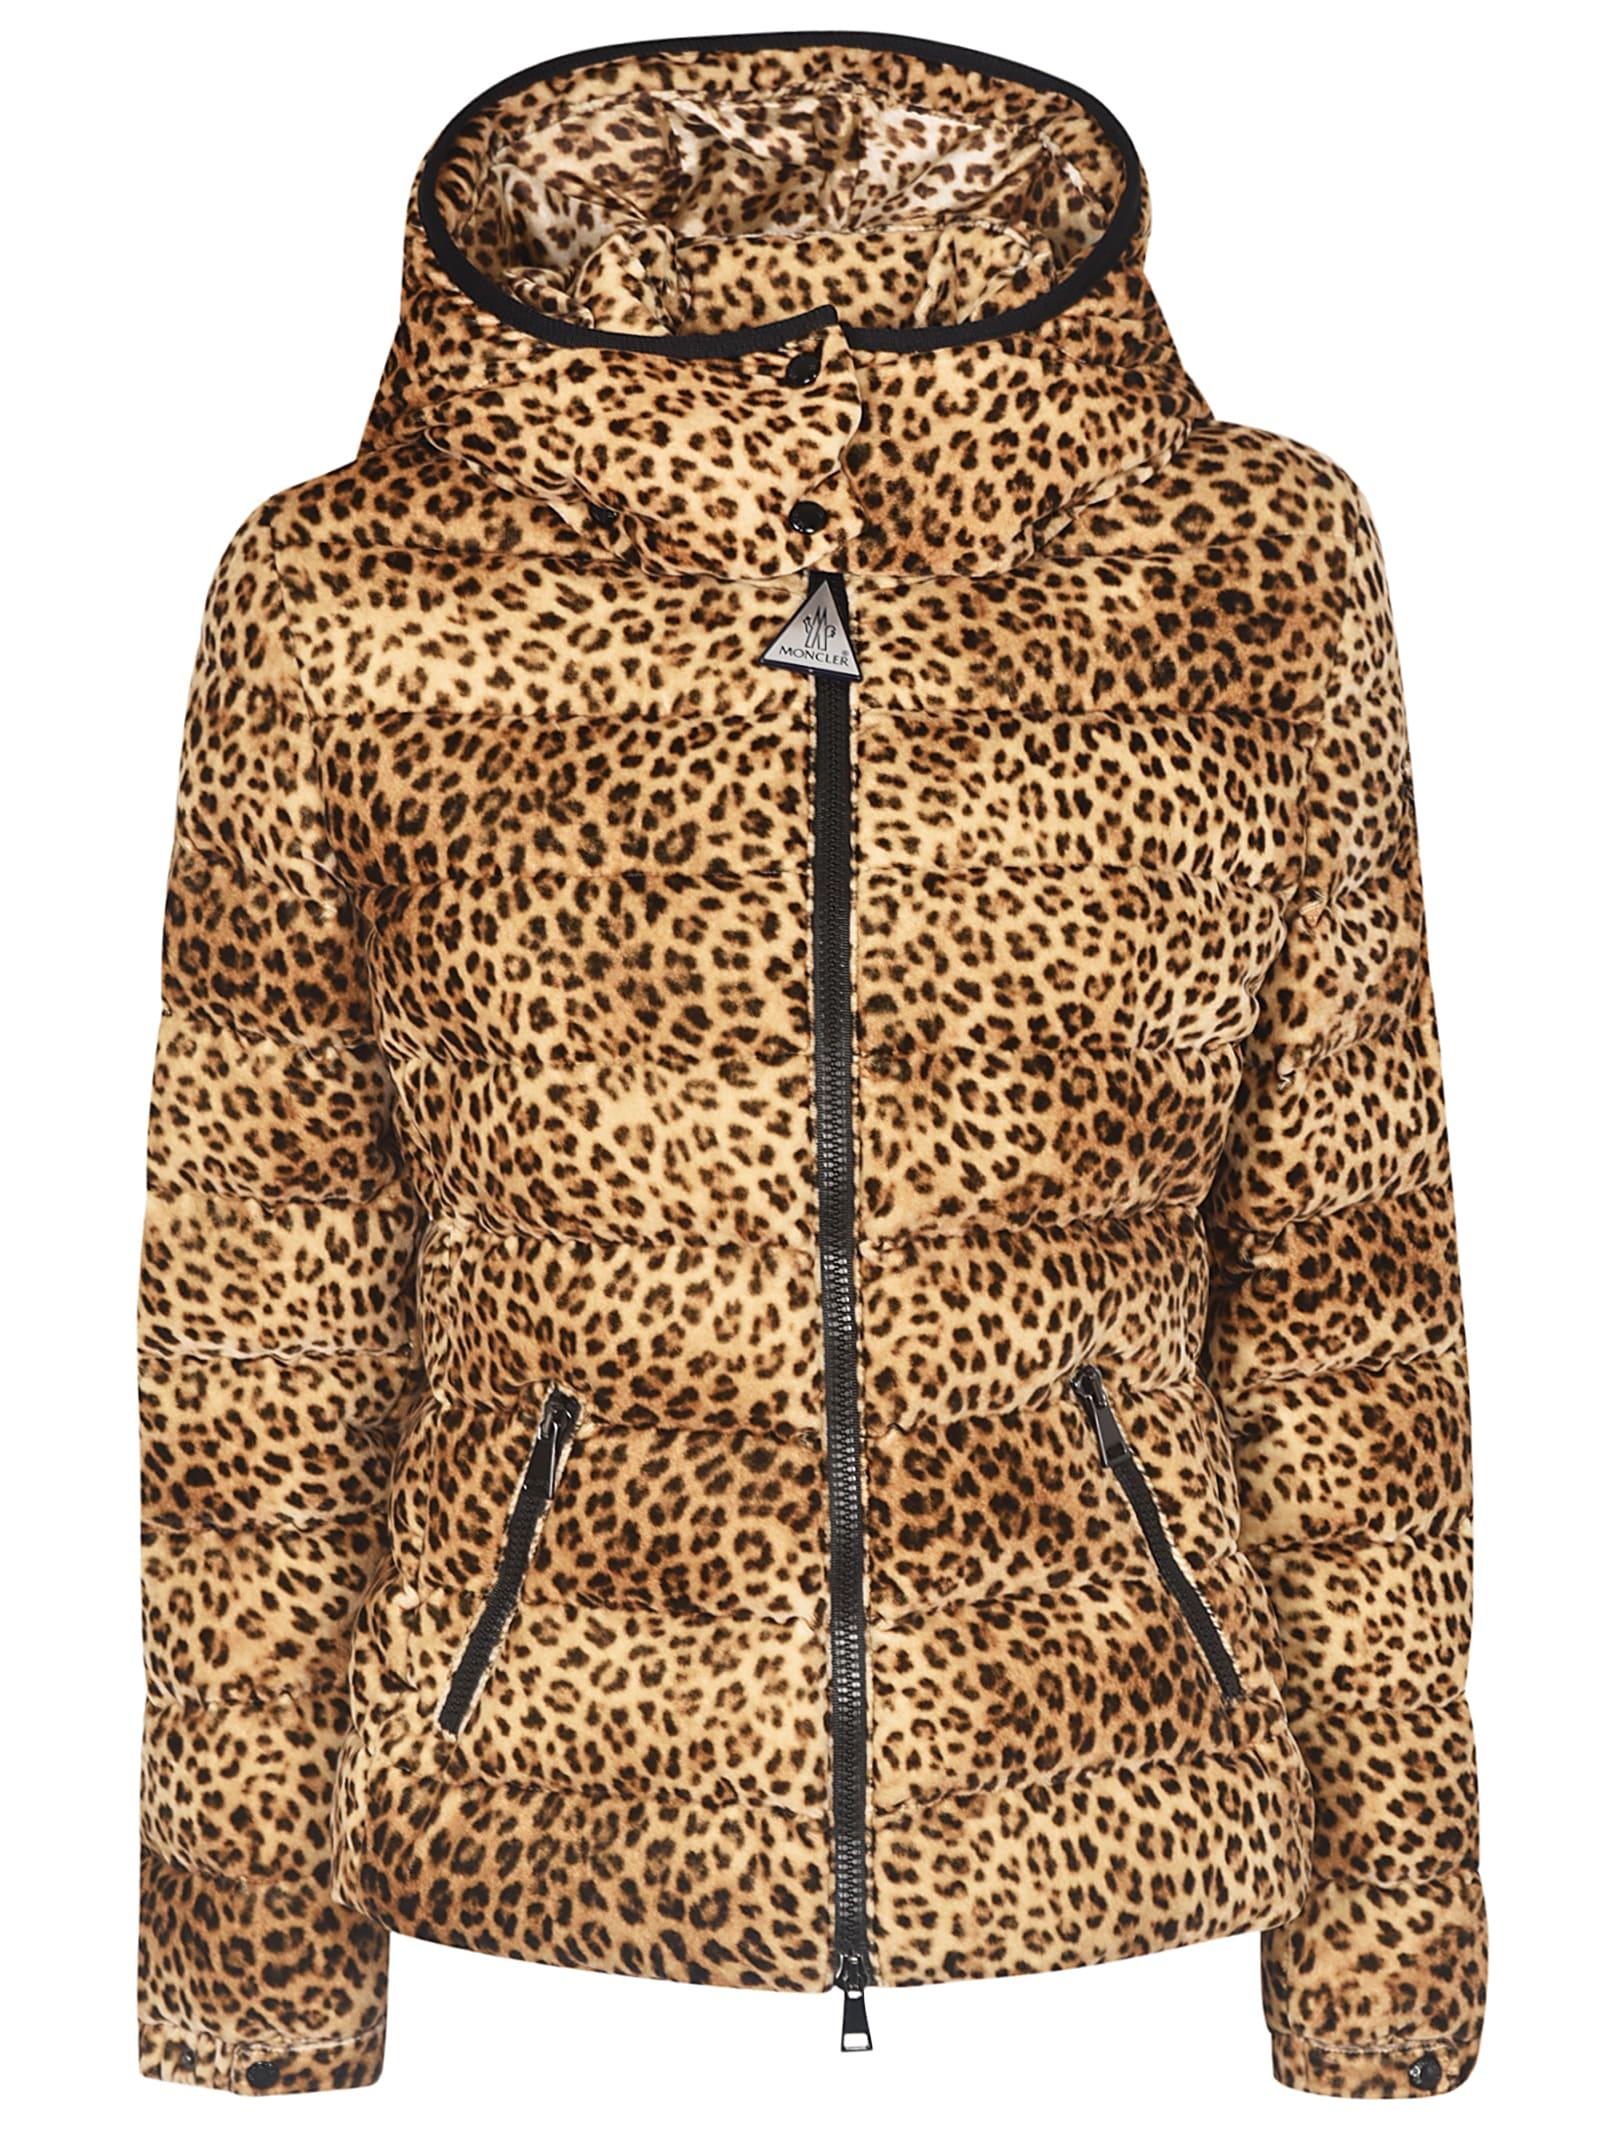 Moncler Bady Zipped Jacket